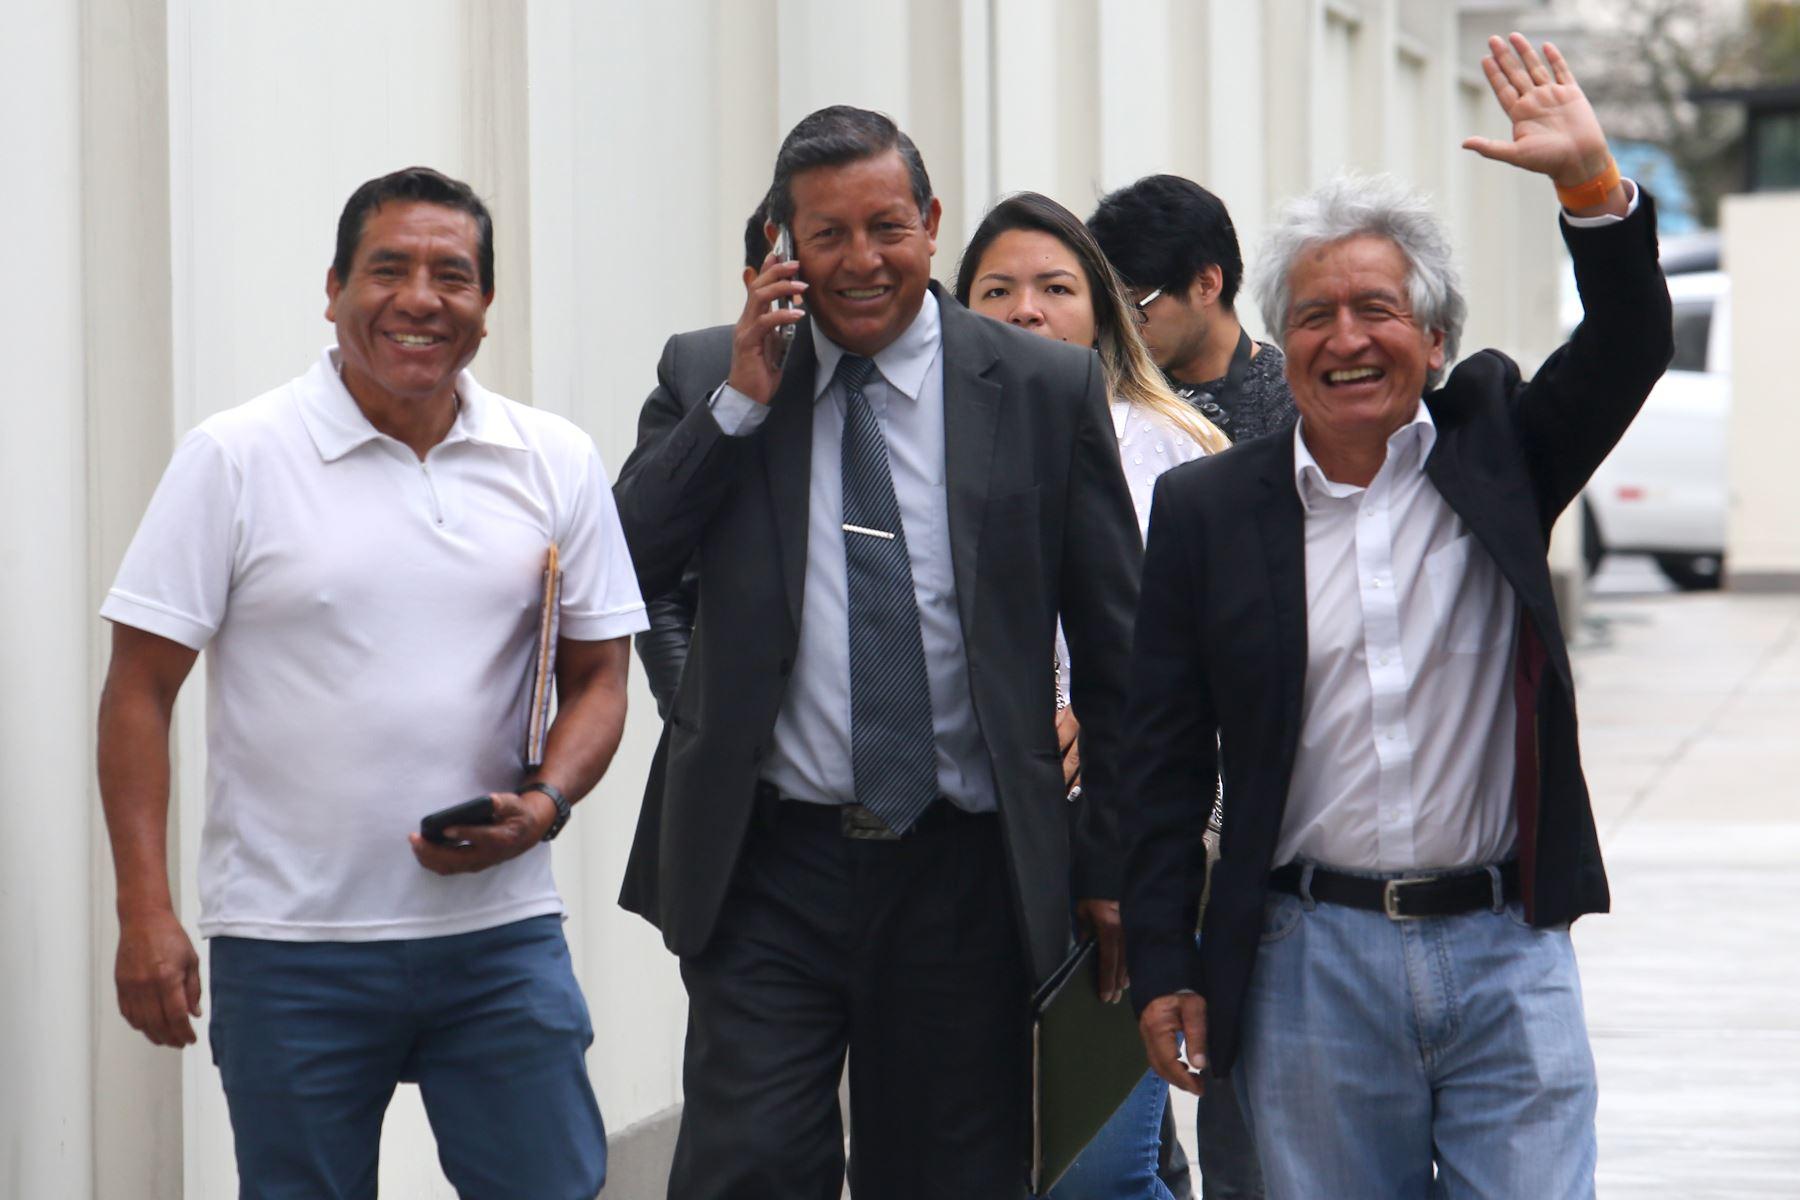 Virgilio Acuña de la agrupación política Unión por el Perú inscribió su lista de candidatos al Congreso para las próximas elecciones de enero del 2020 . Foto: Héctor Vinces